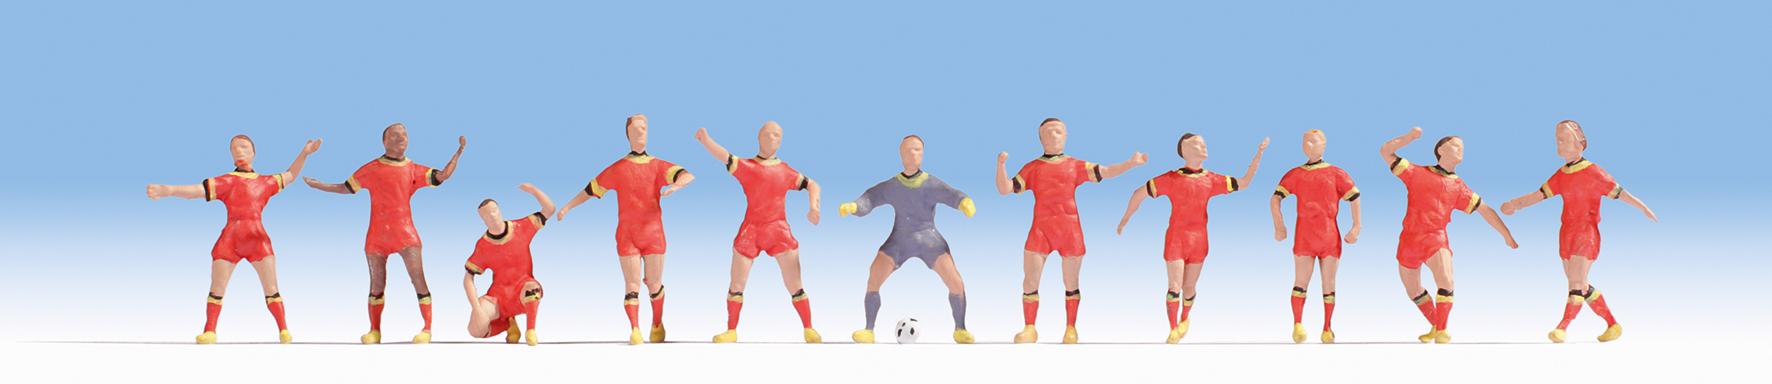 Fußballteam Belgien